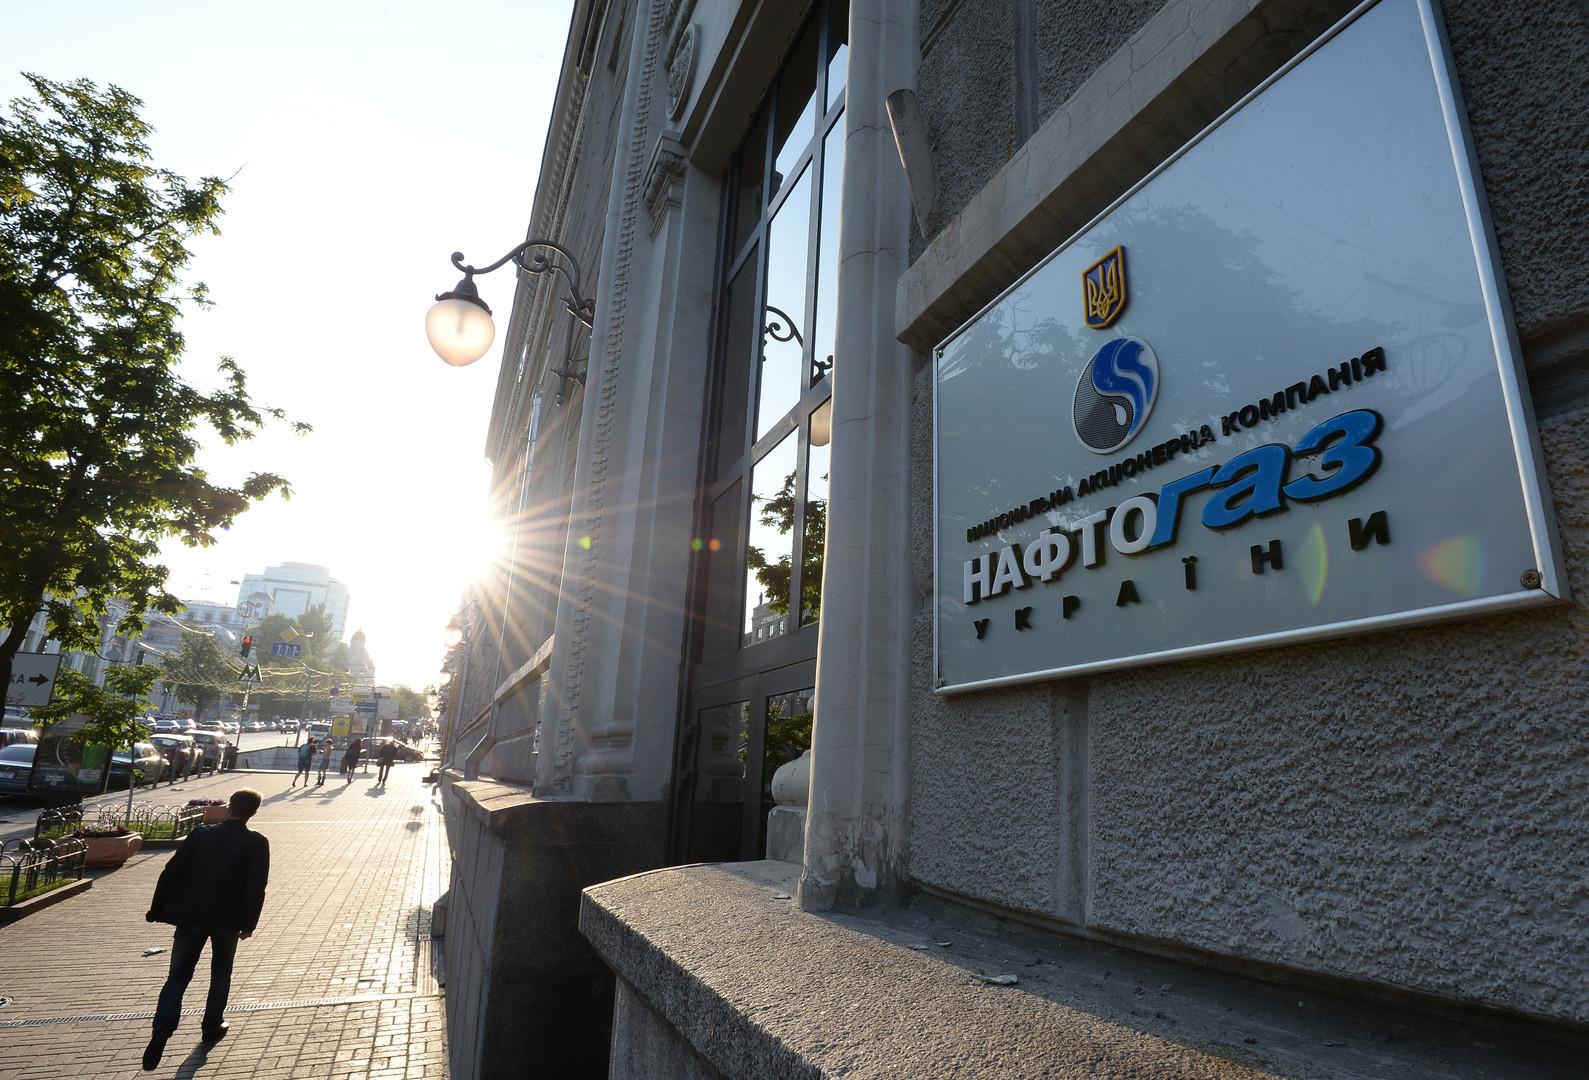 «Нафтогаз» предупредил о возможном срыве отопительного сезона на Украине